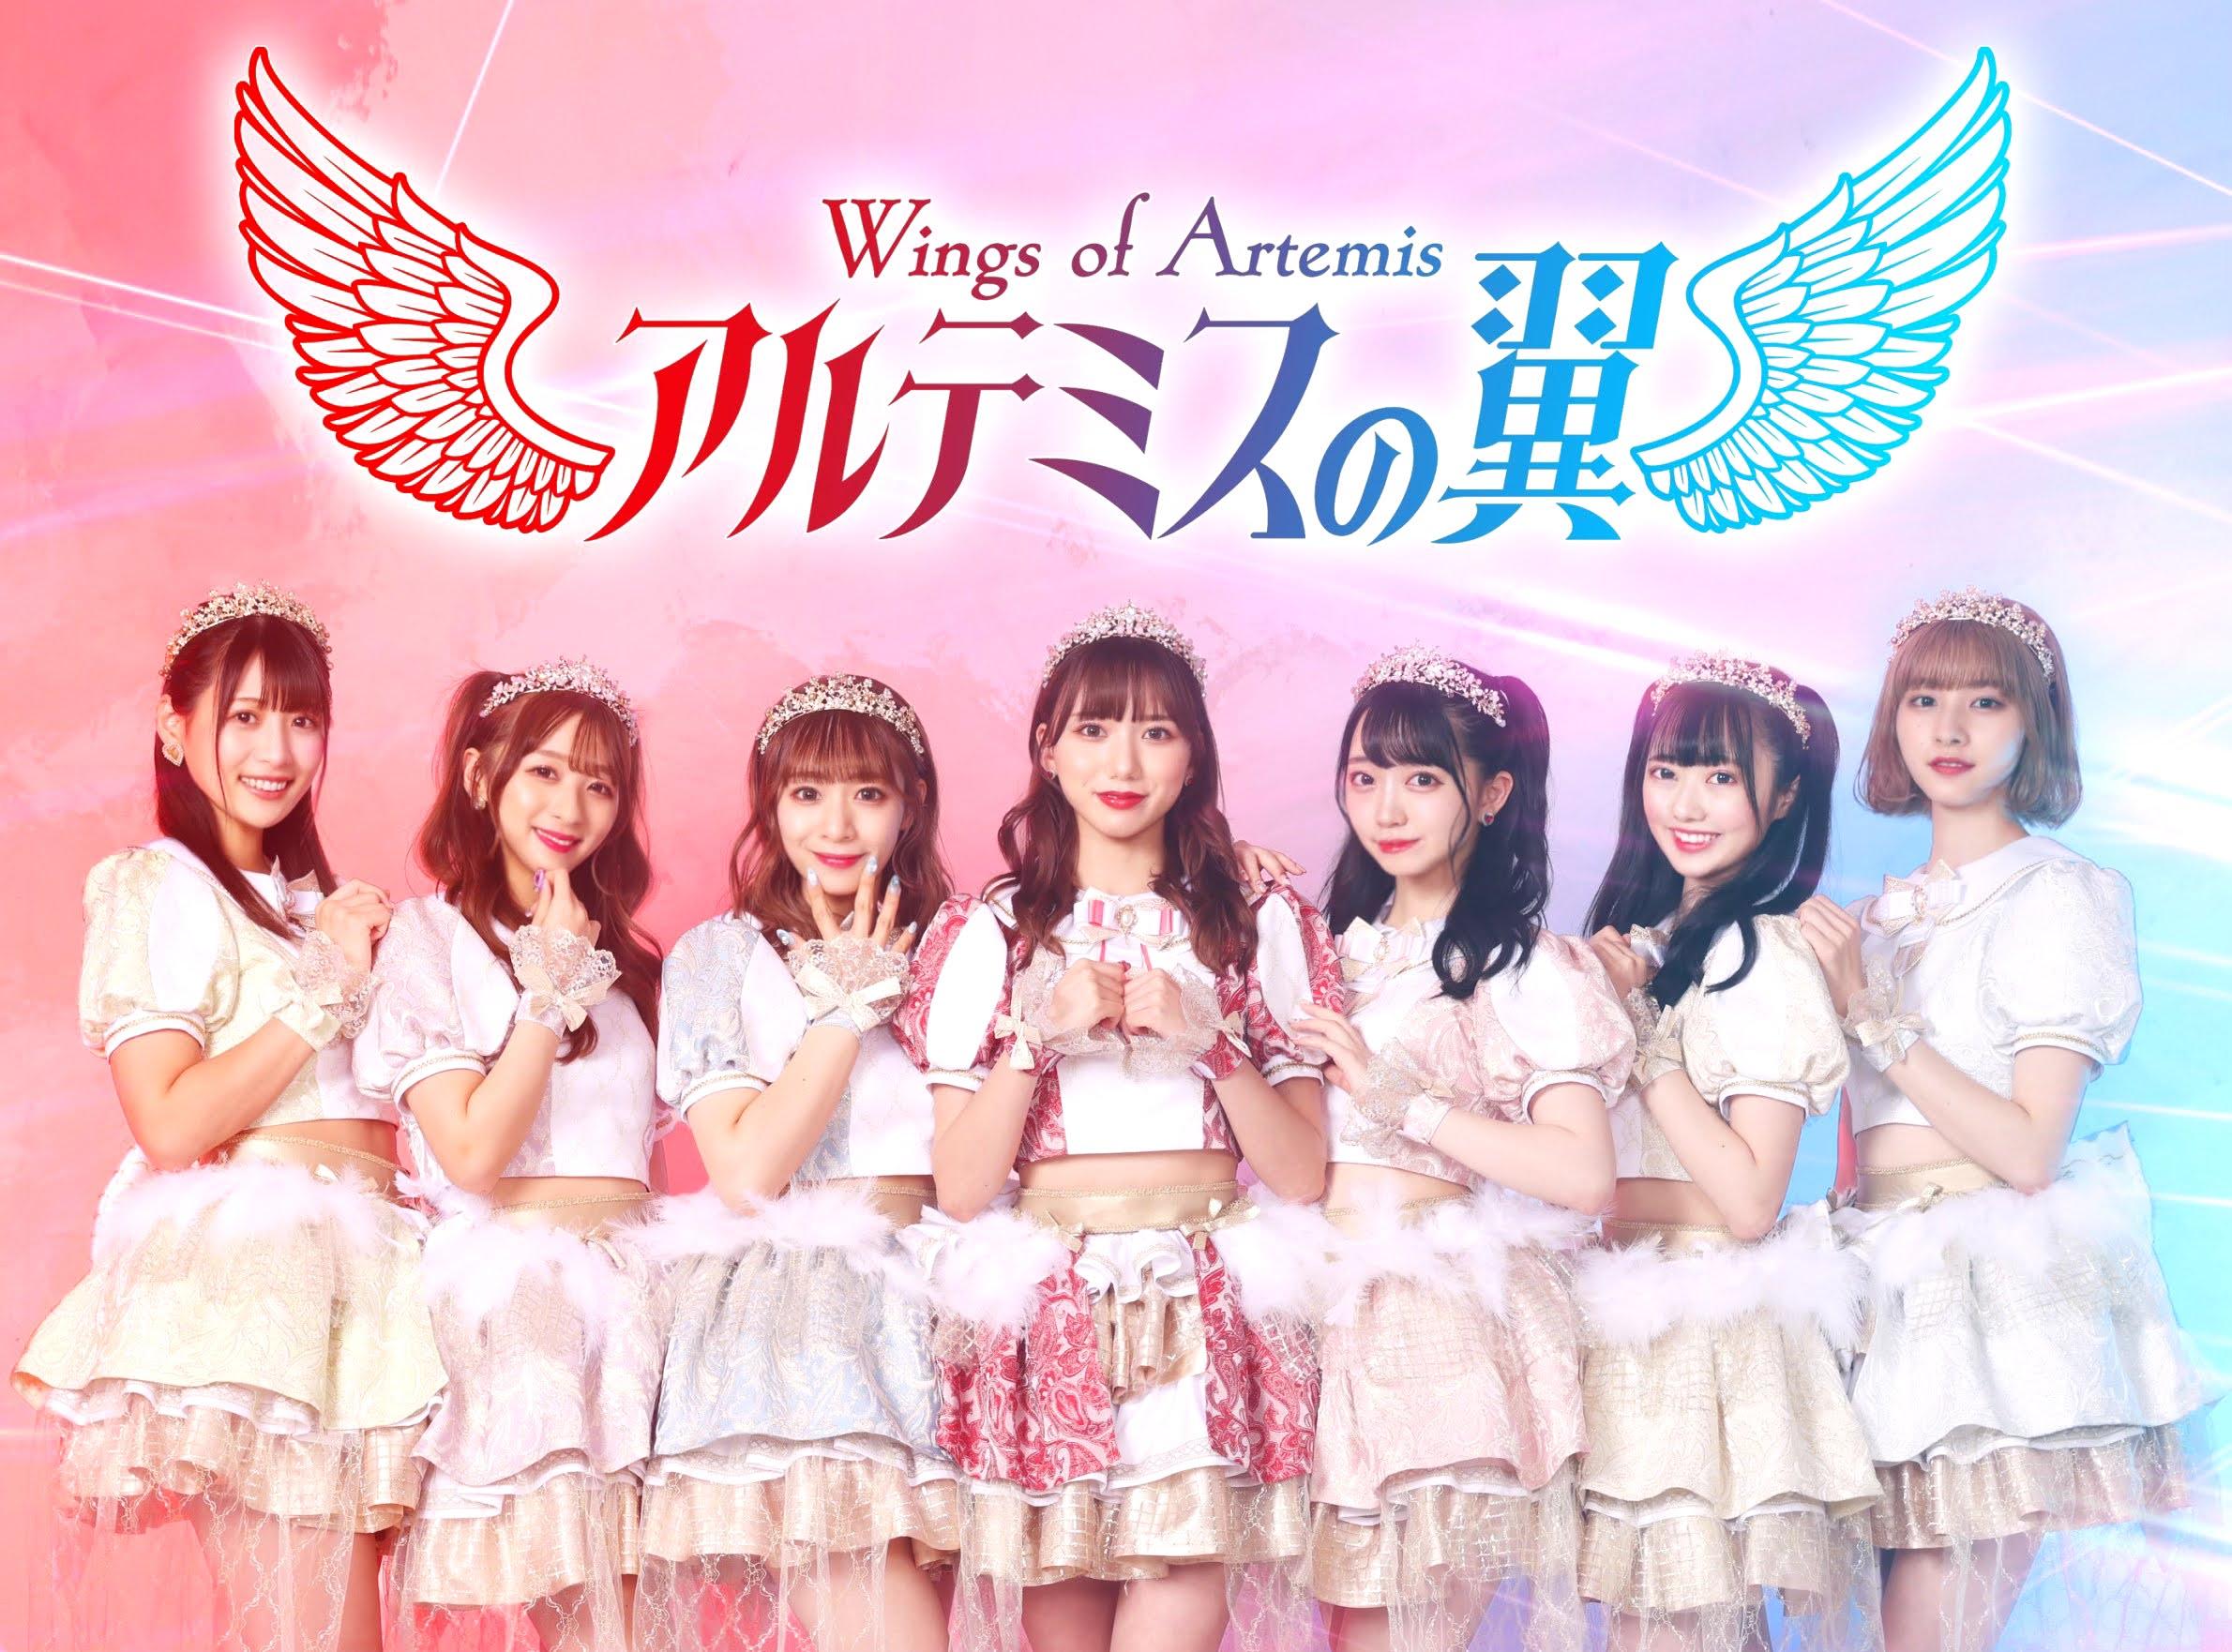 アルテミスの翼オフ会 in北海道